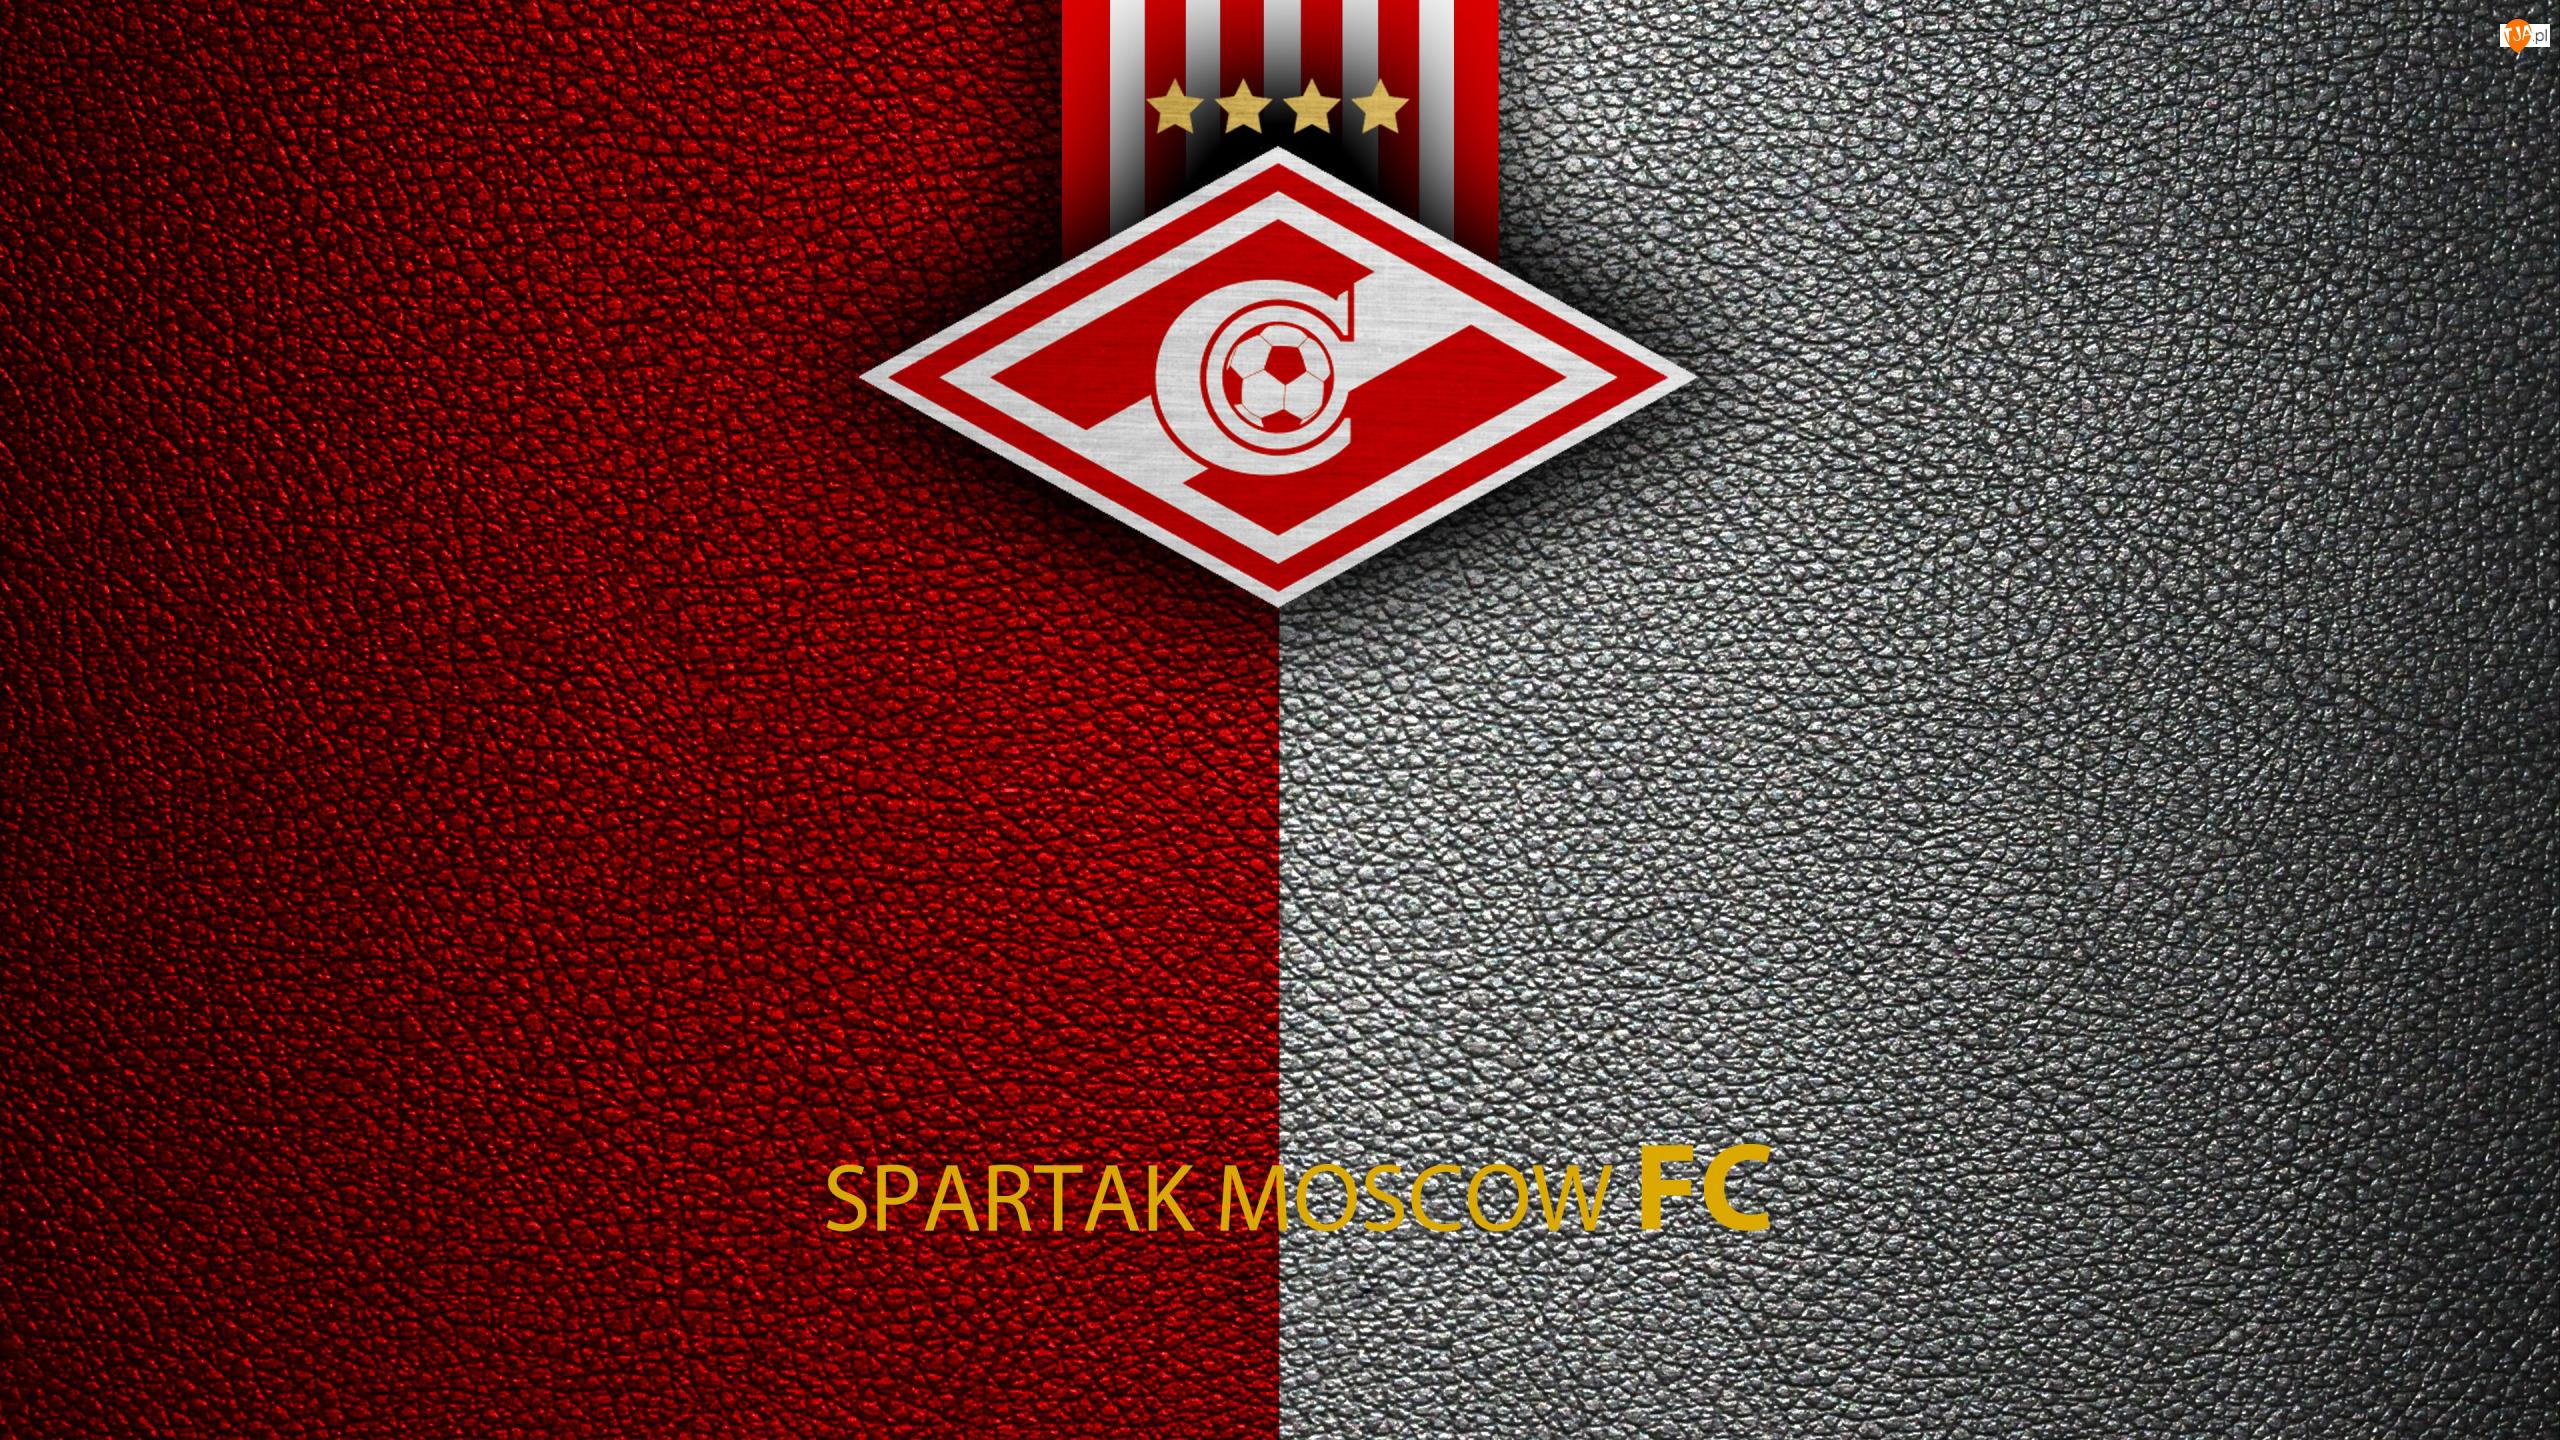 Klub sportowy, Piłka nożna, Rosyjski, Logo, FC Spartak Moskwa